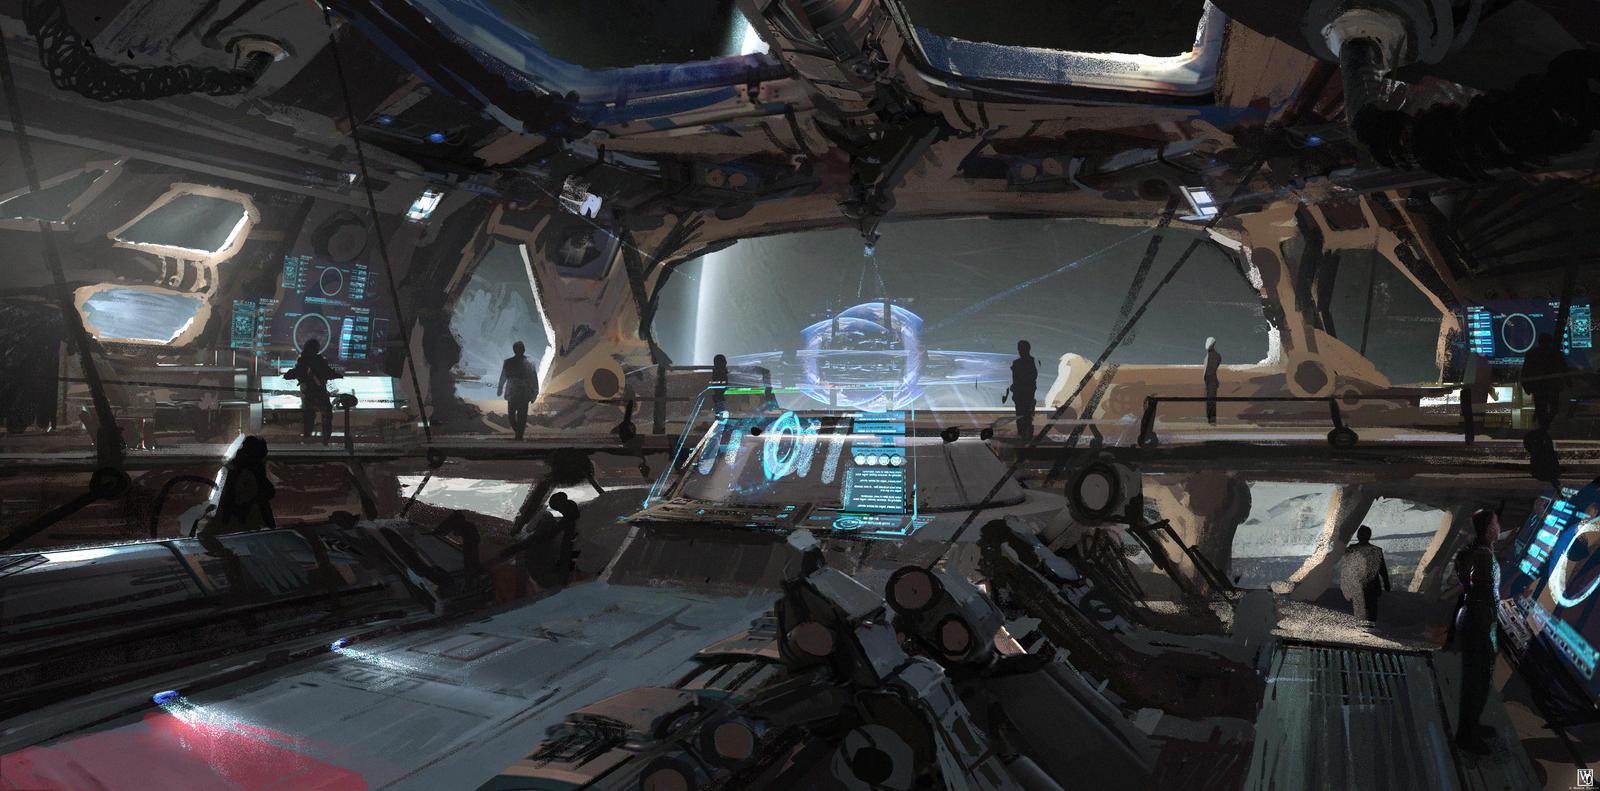 single person bridge sci fi spacecraft - photo #19